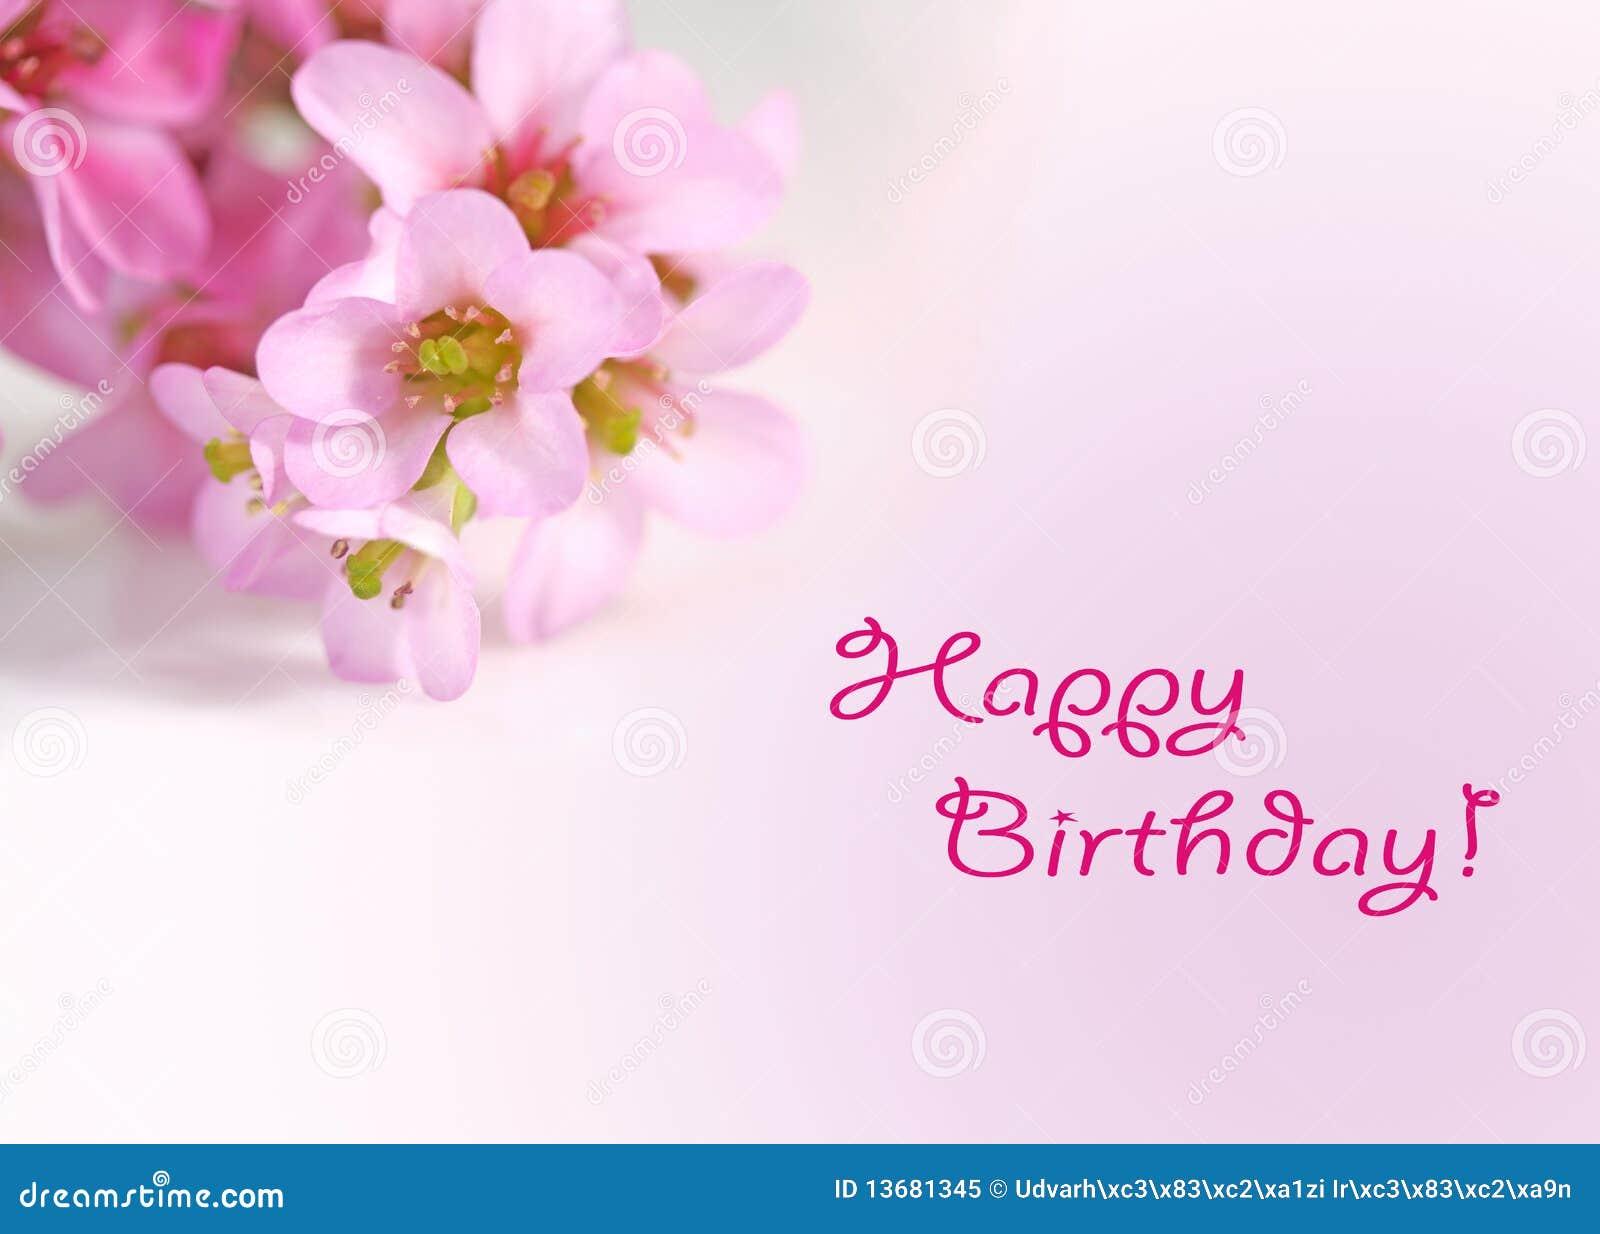 carte de voeux de joyeux anniversaire avec des fleurs photo libre de droits image 13681345. Black Bedroom Furniture Sets. Home Design Ideas